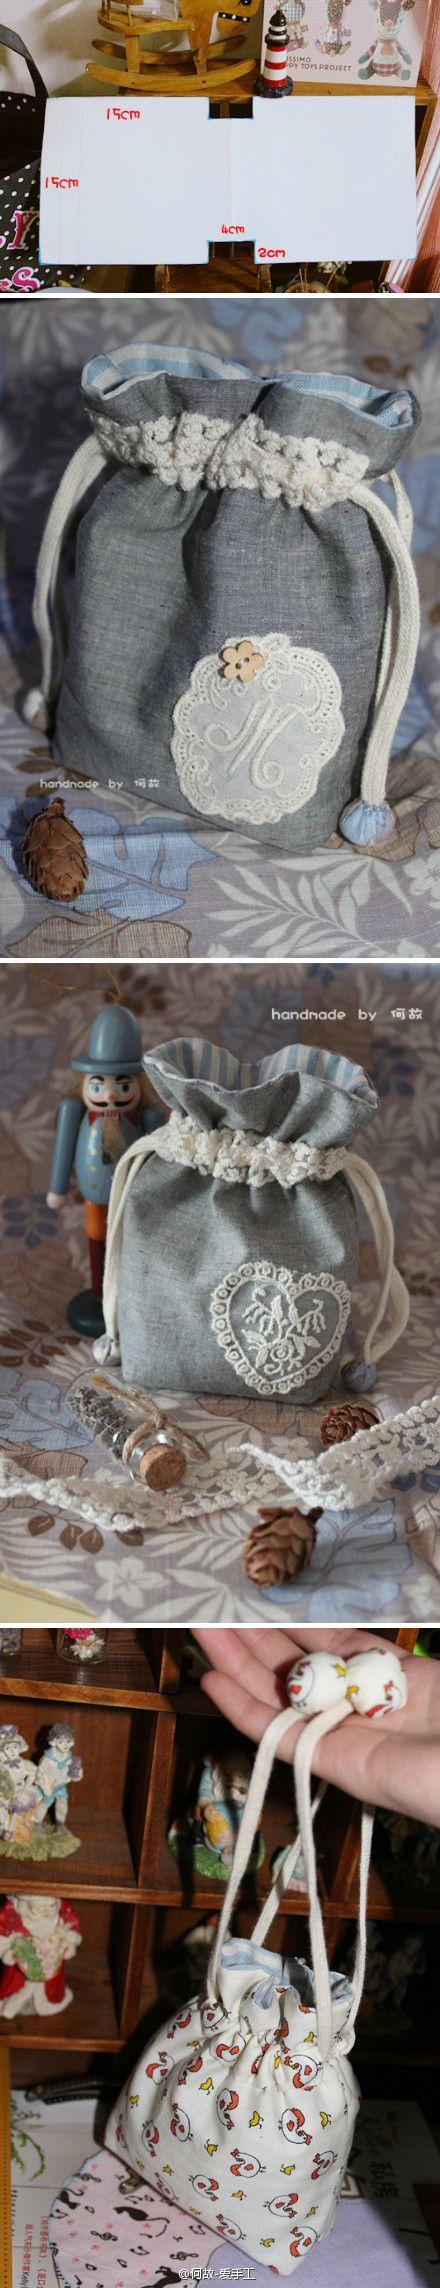 可爱束口袋图纸_来自巧妈蜜乐儿的图片分享-堆糖网